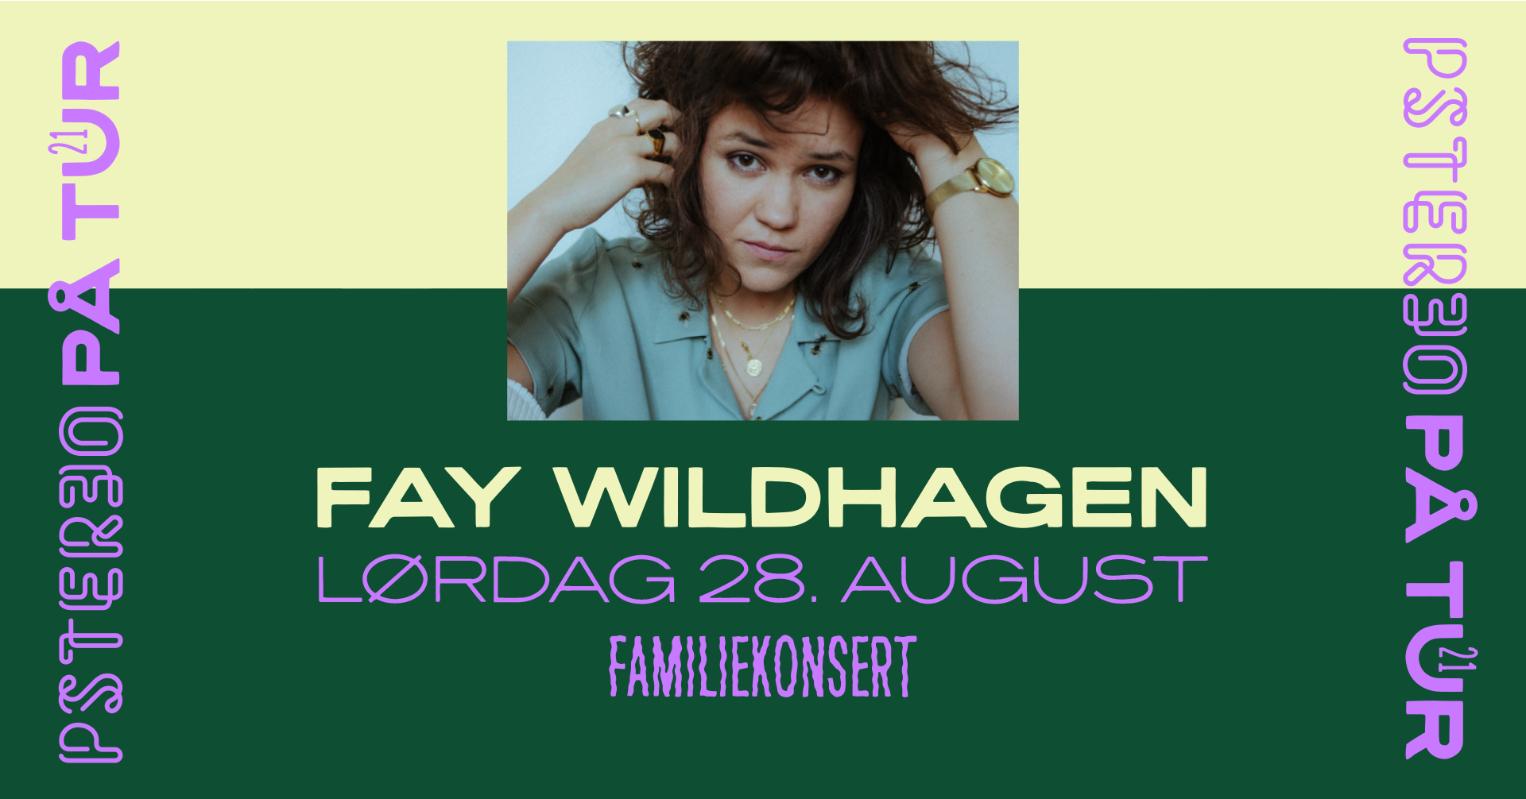 Pstereo på tur: Fay Wildhagen (familiekonsert)